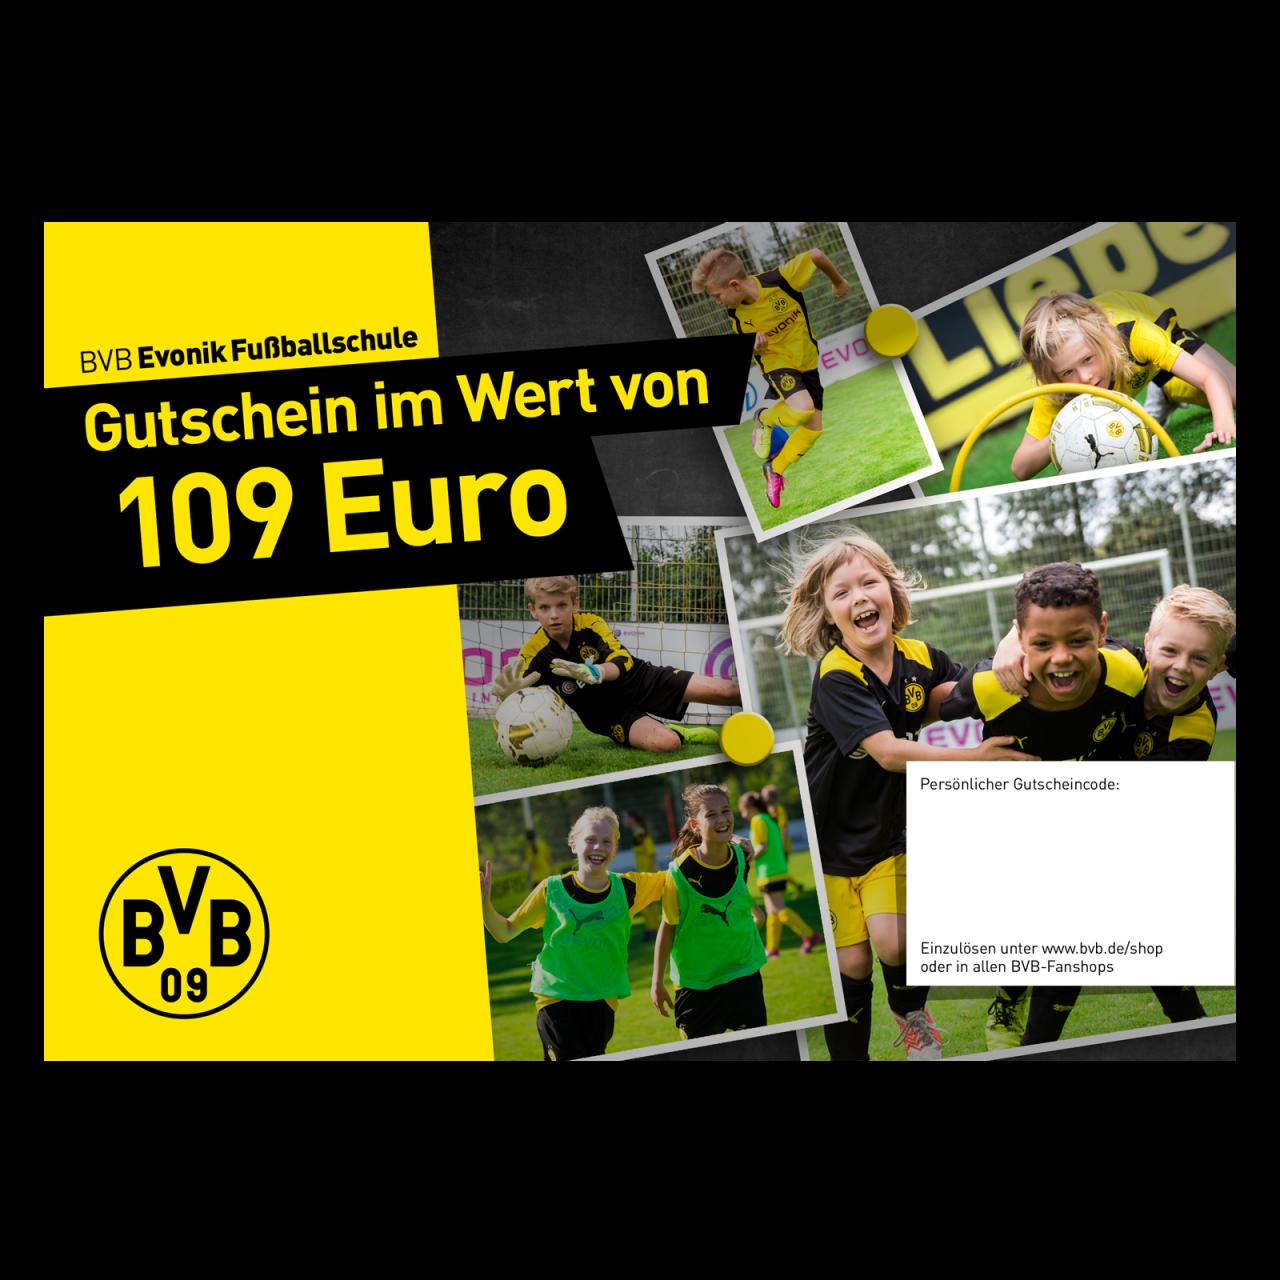 Gutschein Fußballschule Förderkurs